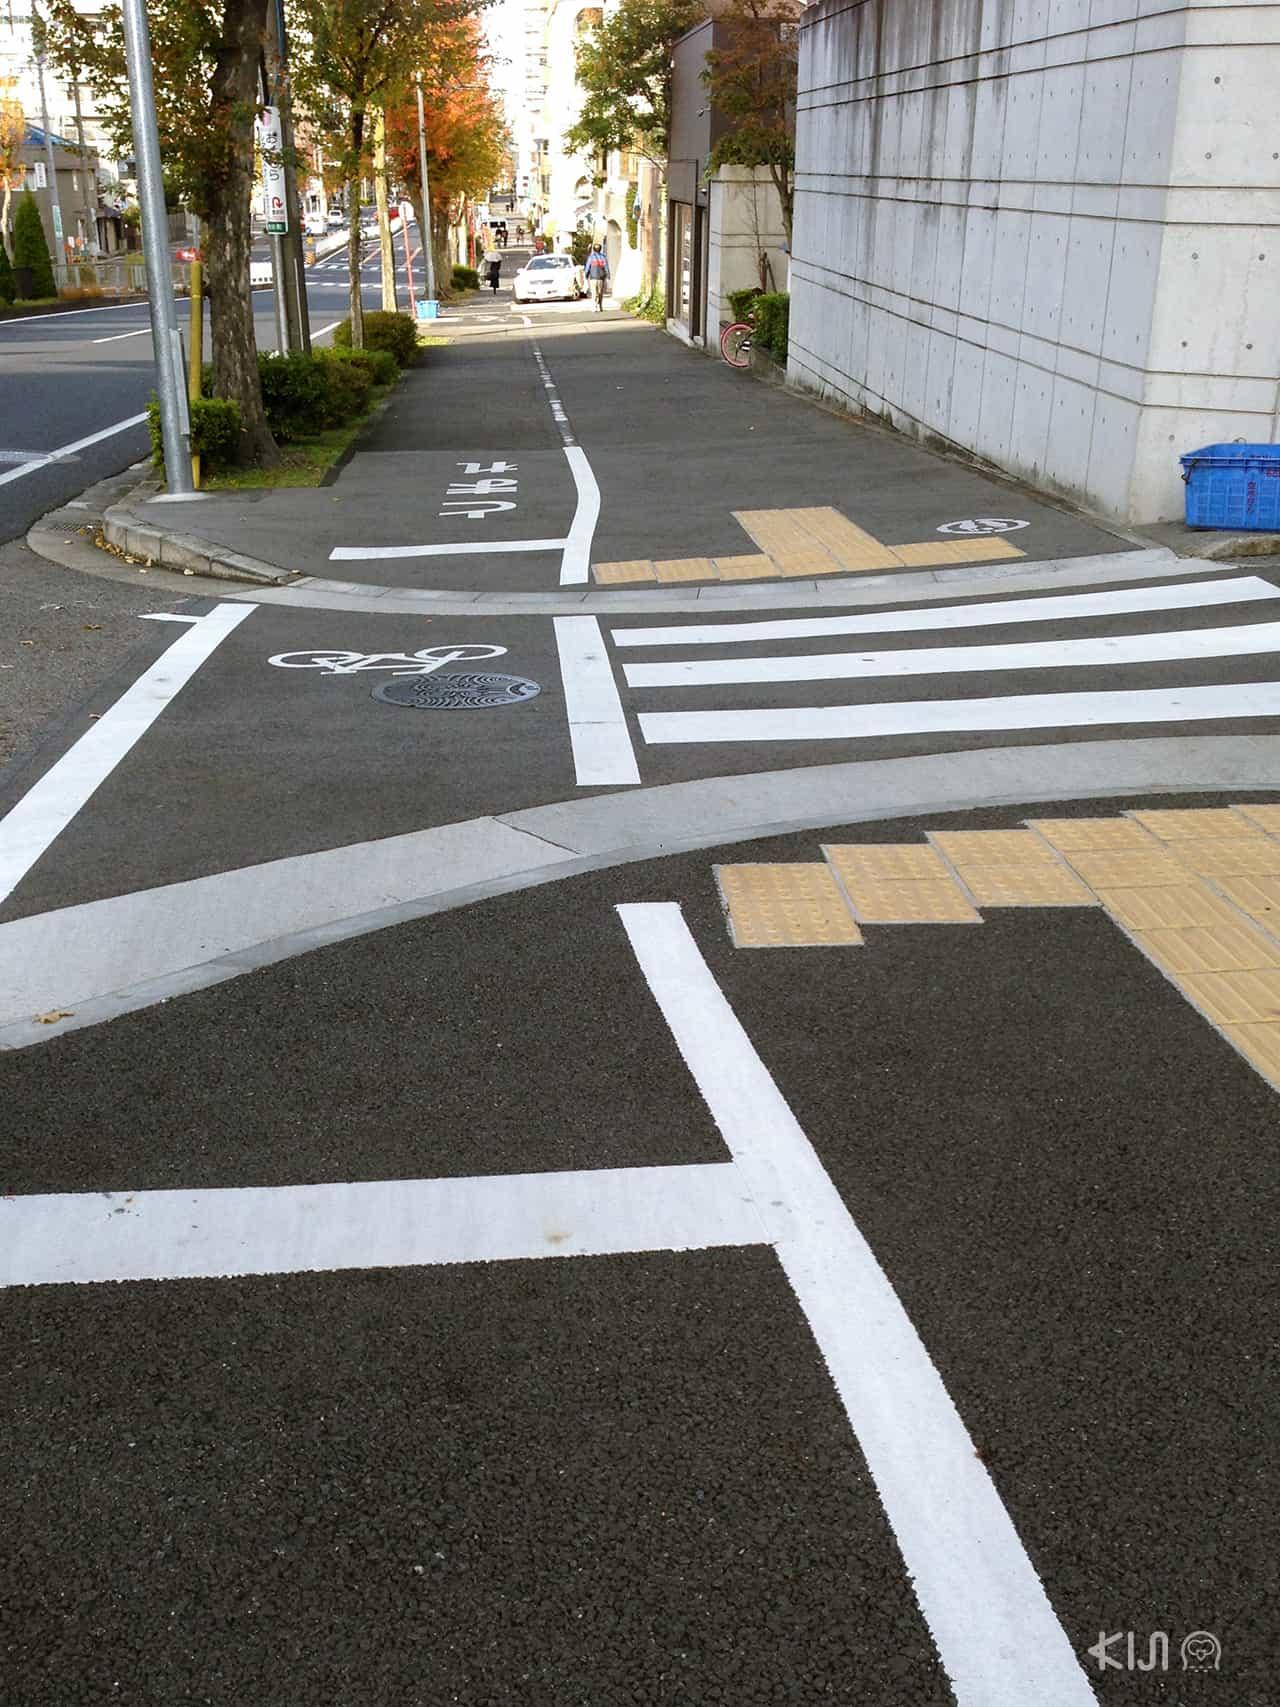 Universal Design ในญี่ปุ่น (japan) - ทางเท้า